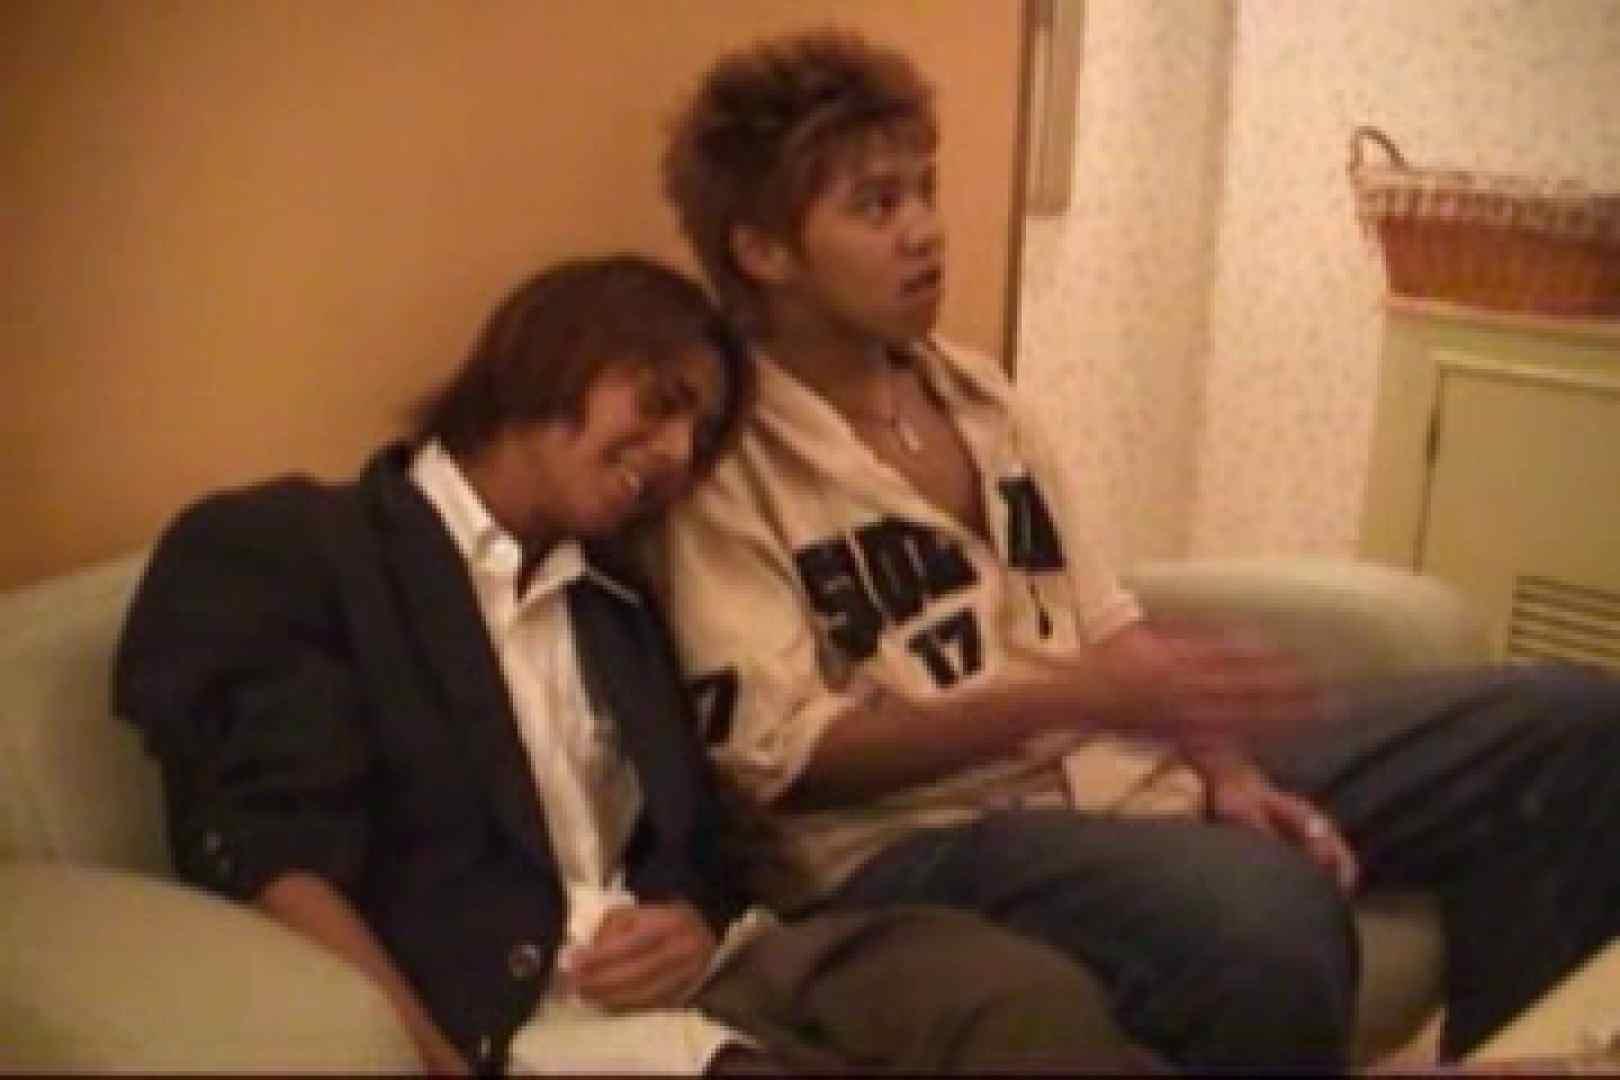 【流出】ジャニ系イケメン!!フライング&アナルが痛くて出来ません!! 流出特集 ゲイセックス画像 83枚 13